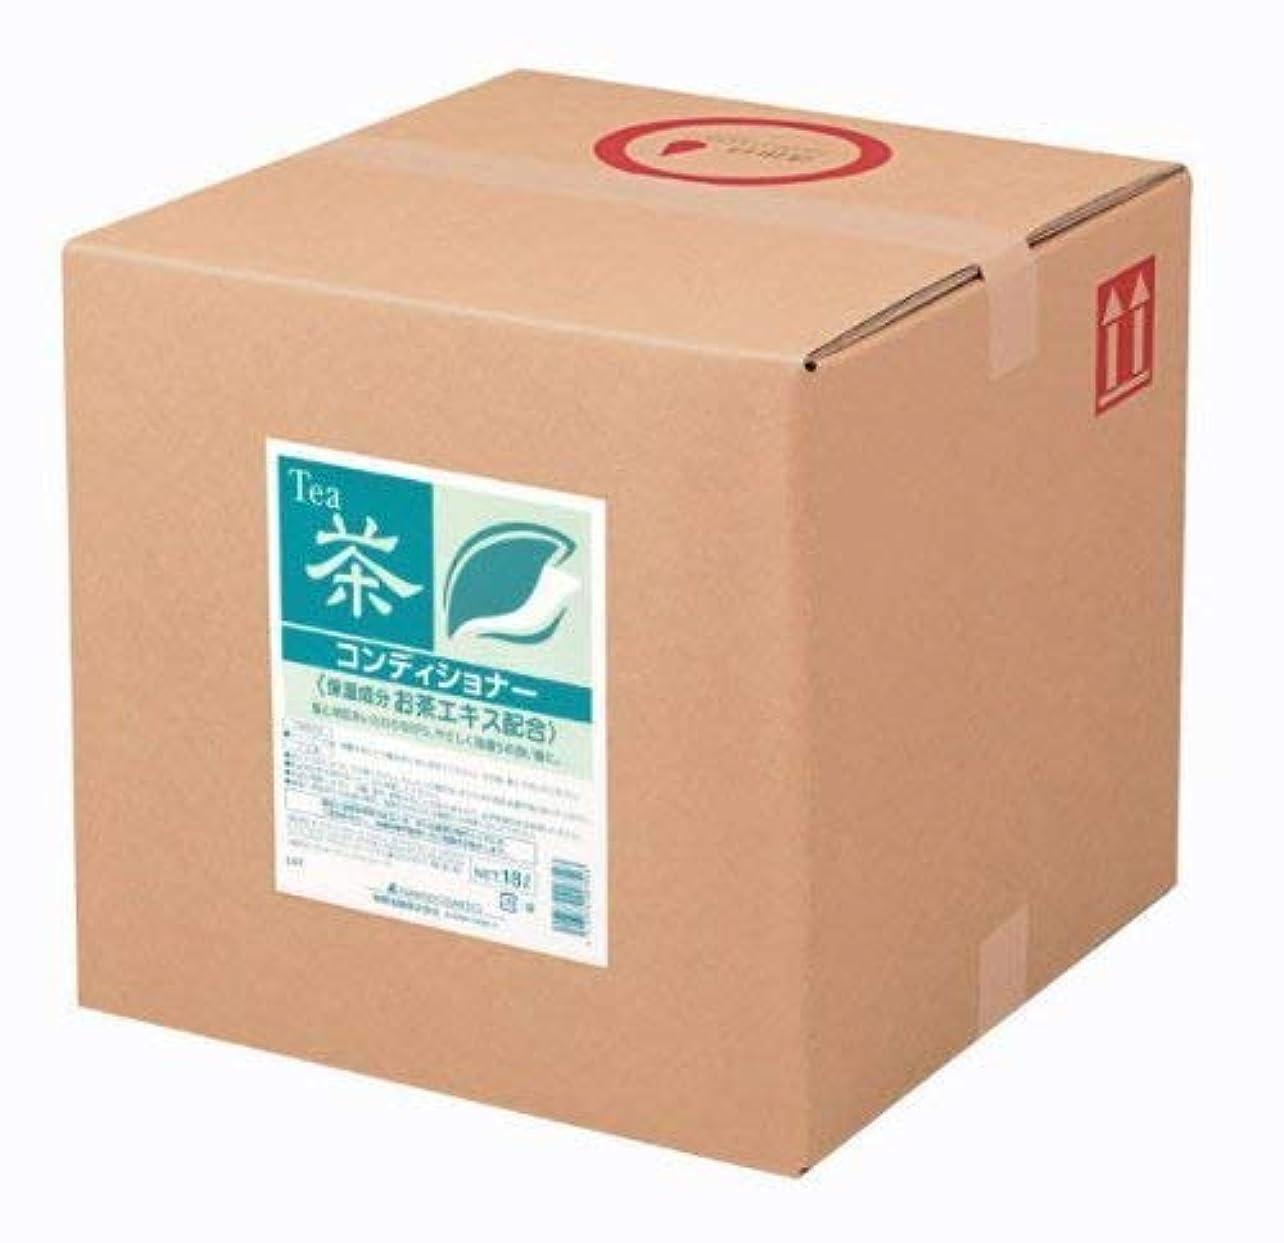 業務用 SCRITT(スクリット) お茶 コンディショナー 18L 熊野油脂 (コック無し)